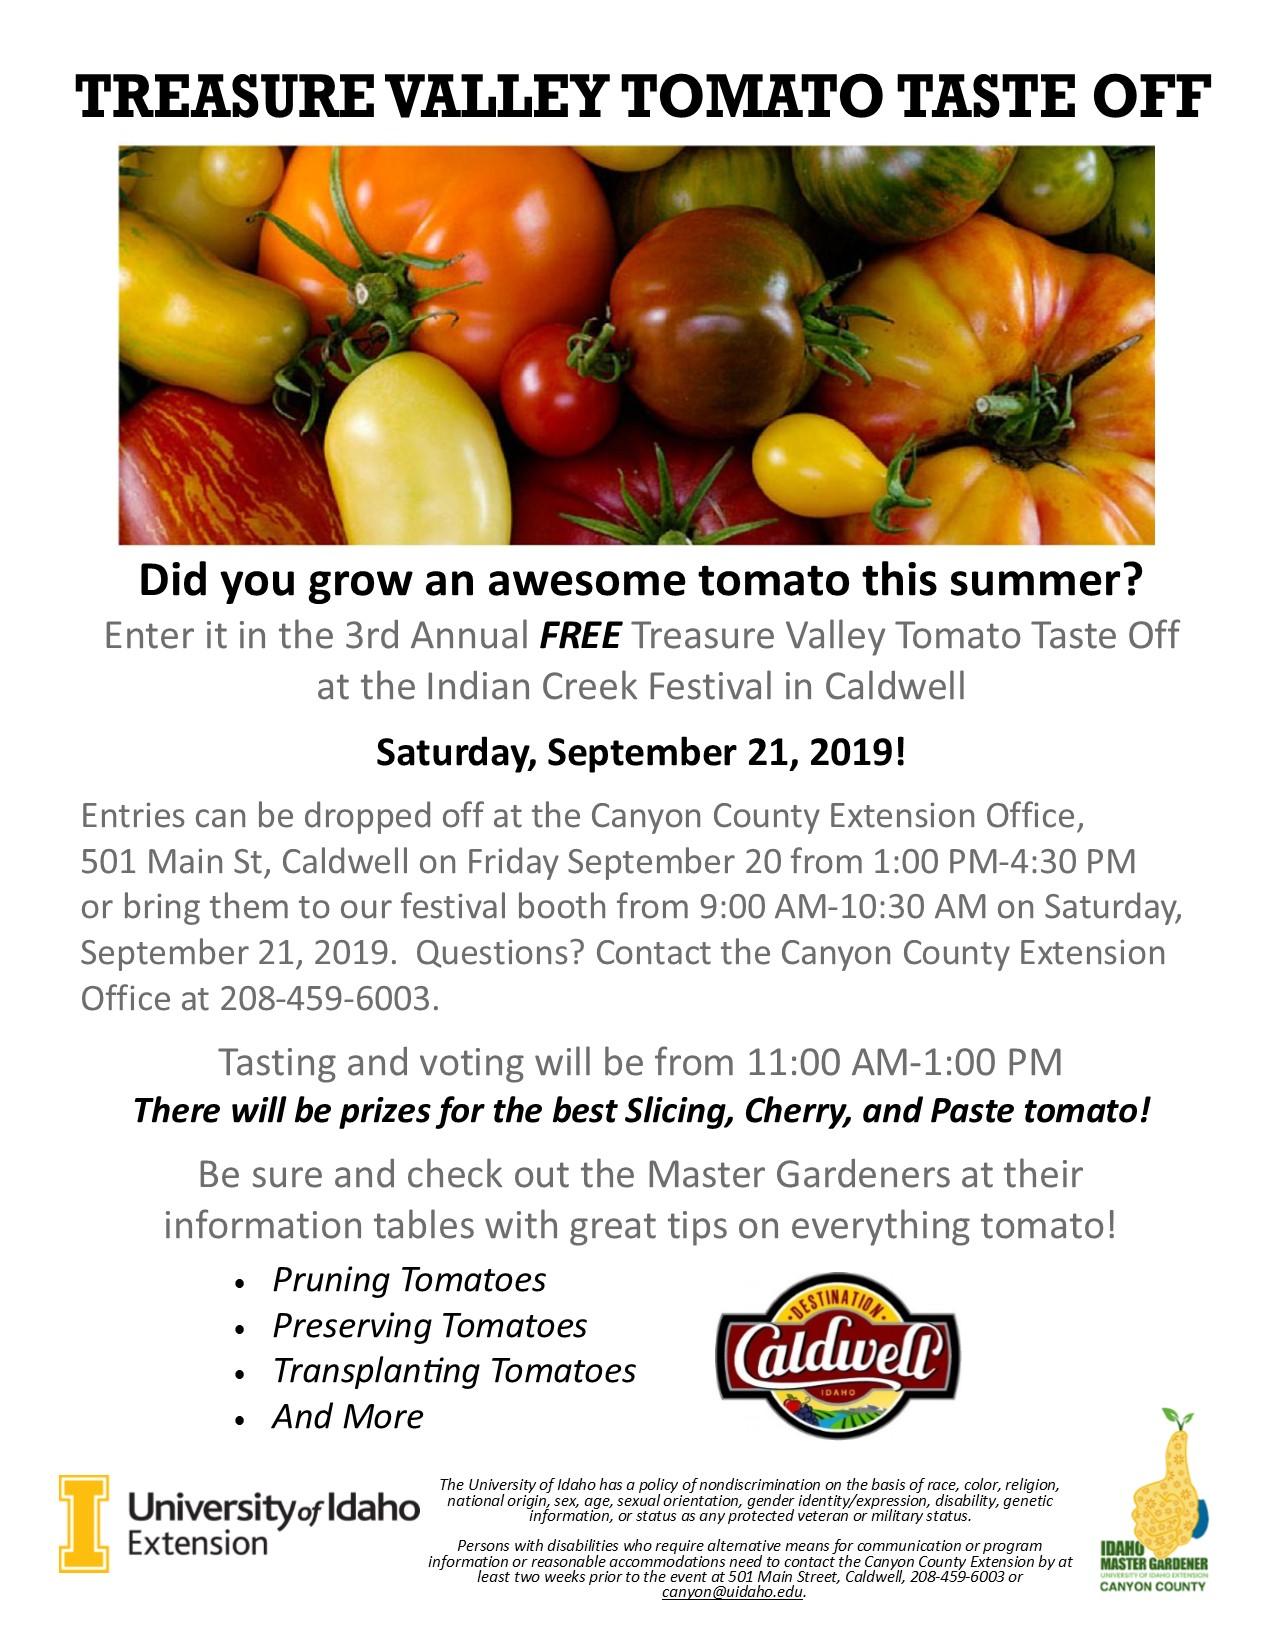 Tomato Taste Off Flyer.jpg